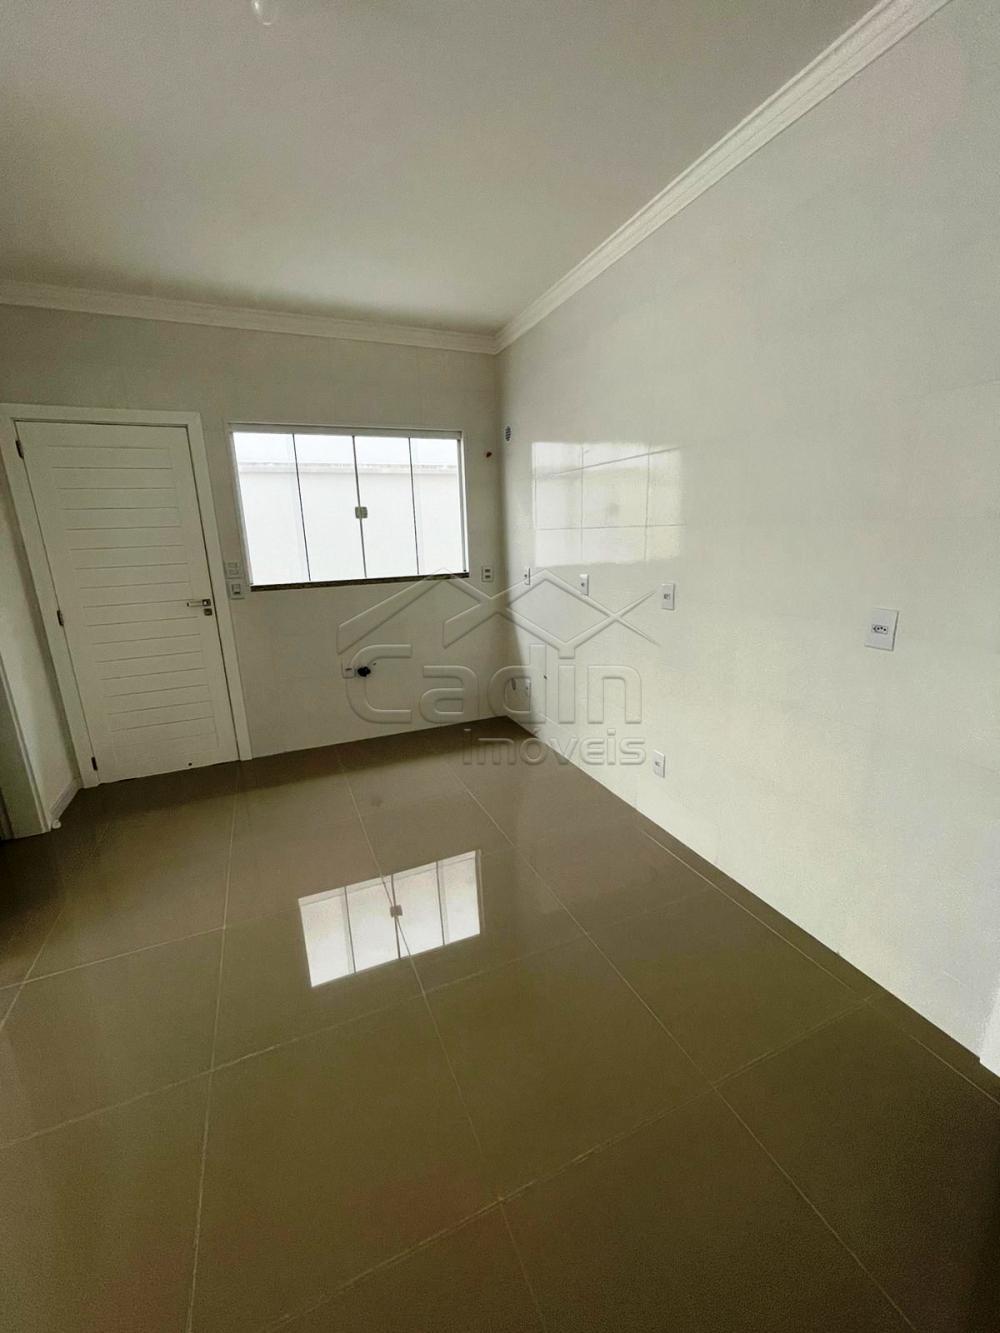 Comprar Casa / Geminada em Navegantes R$ 385.000,00 - Foto 18